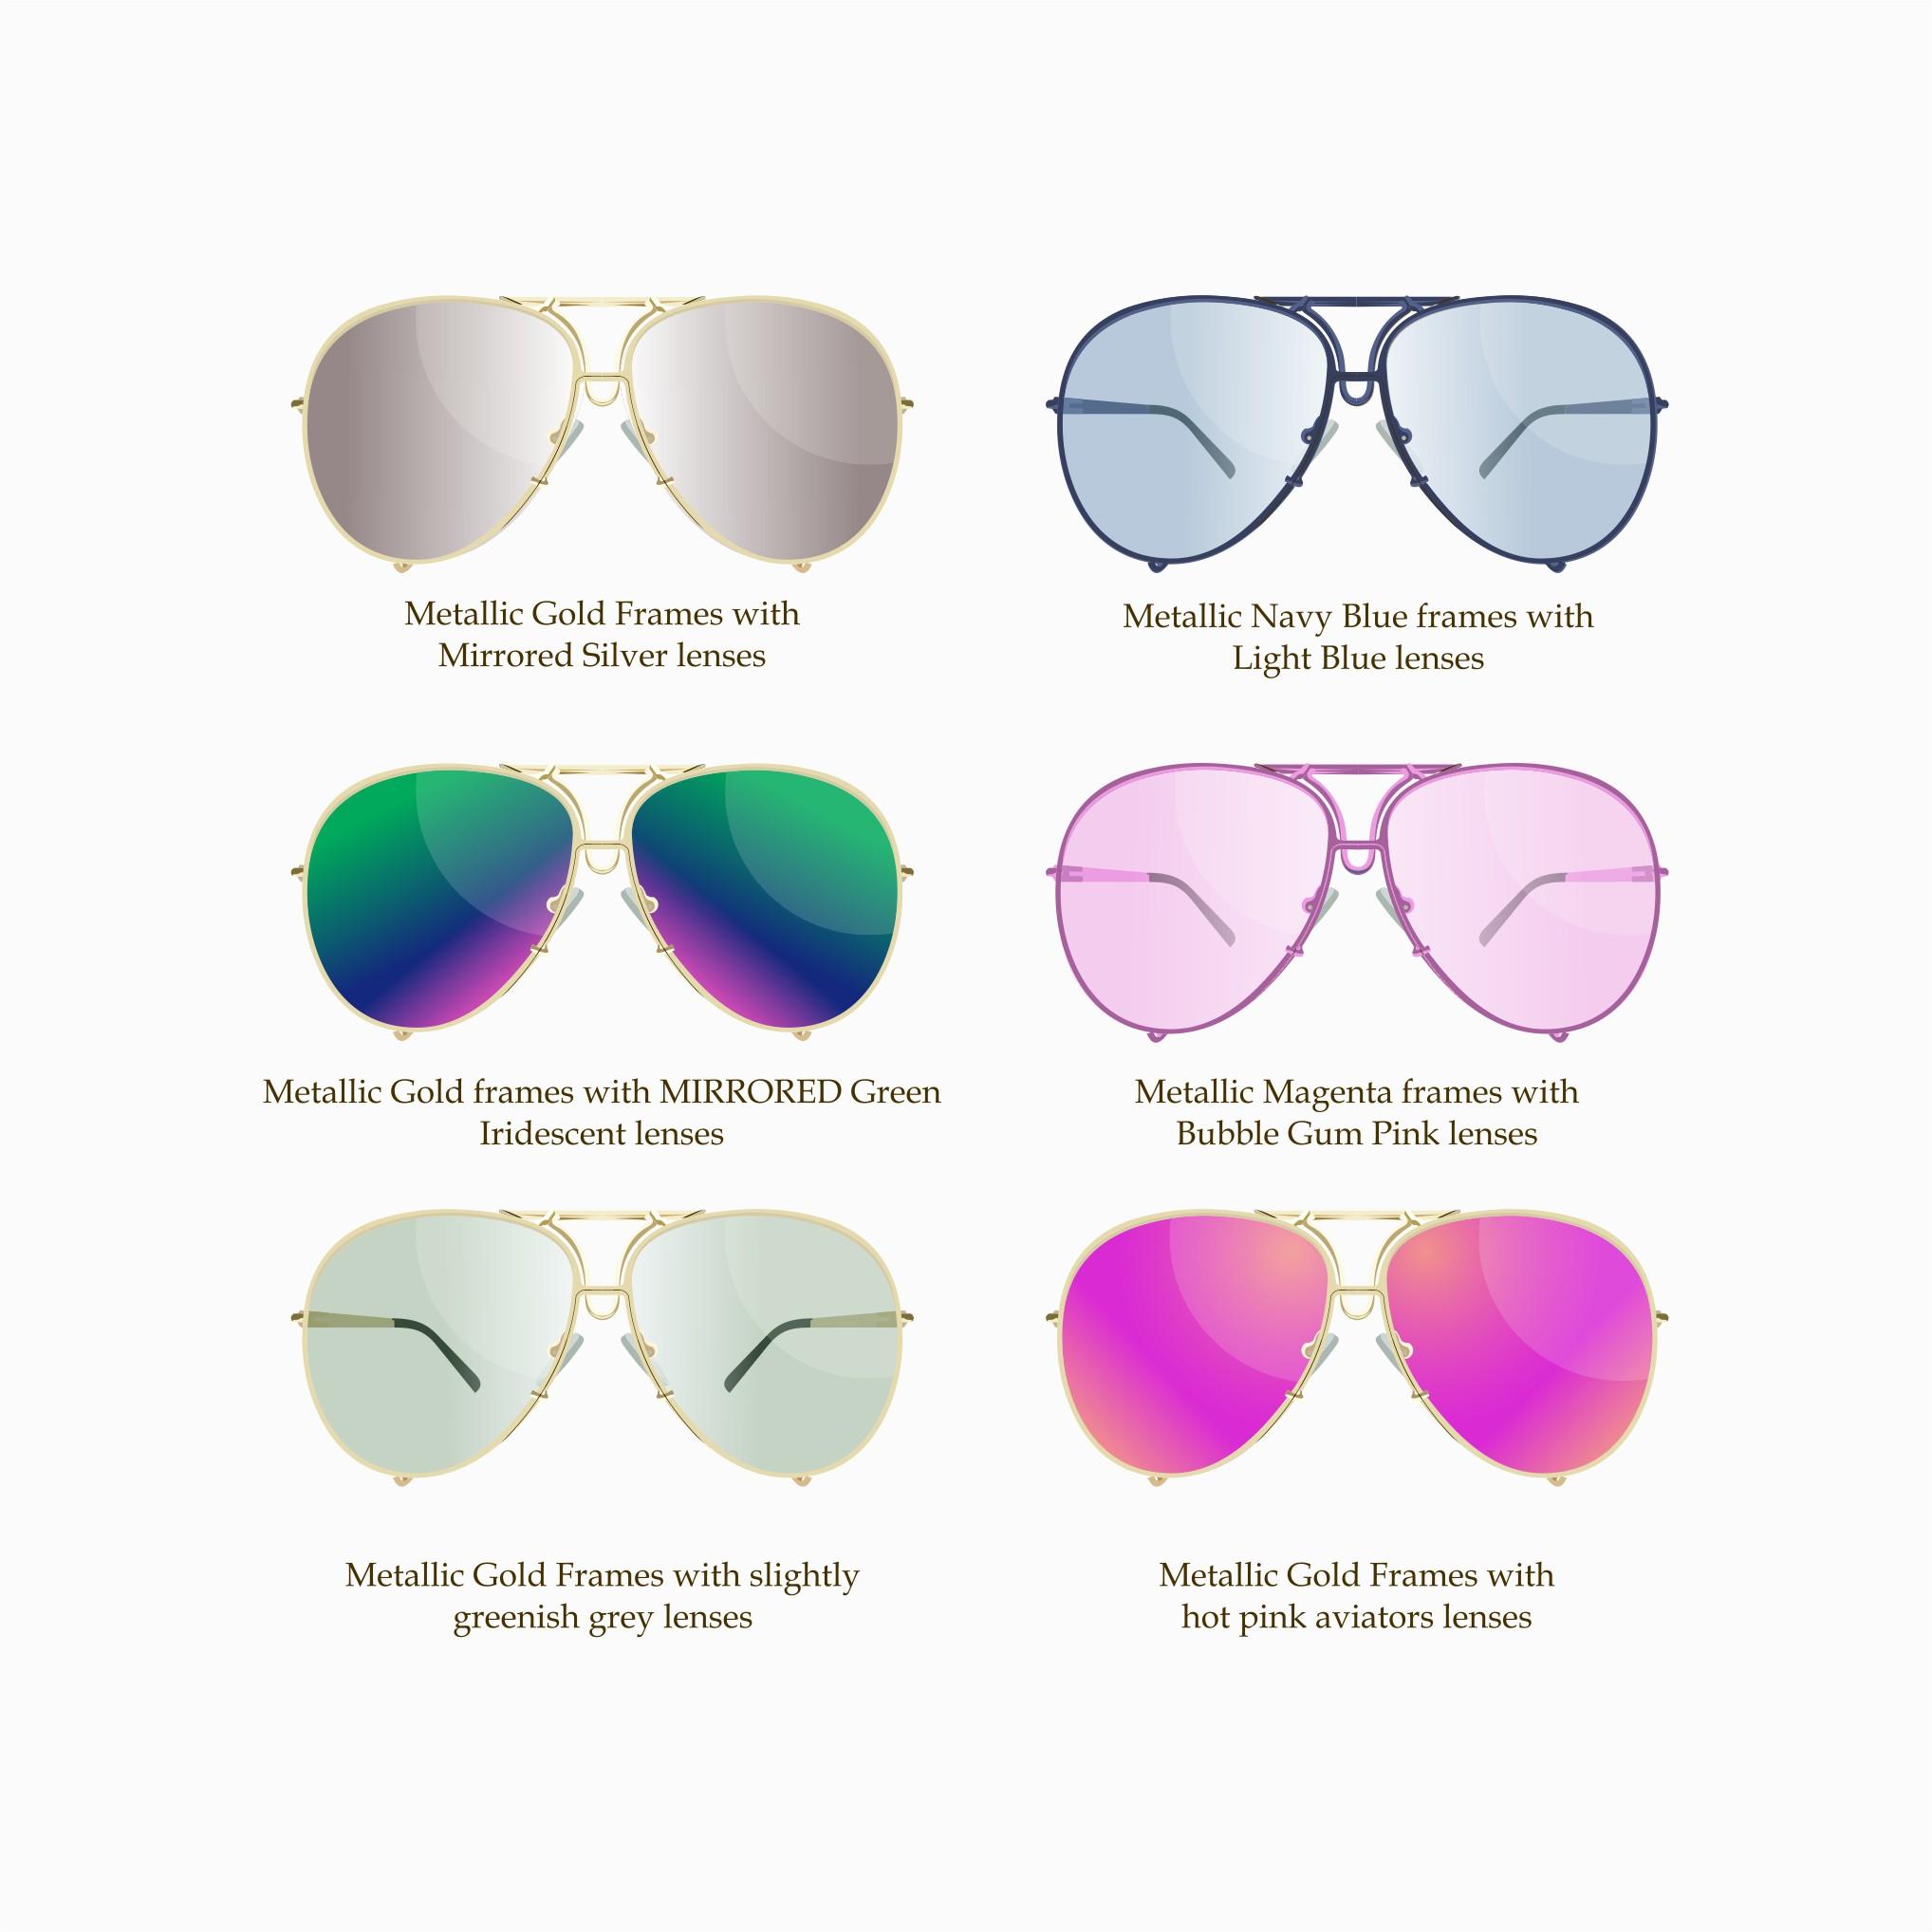 Vectorize/Design Sunglasses